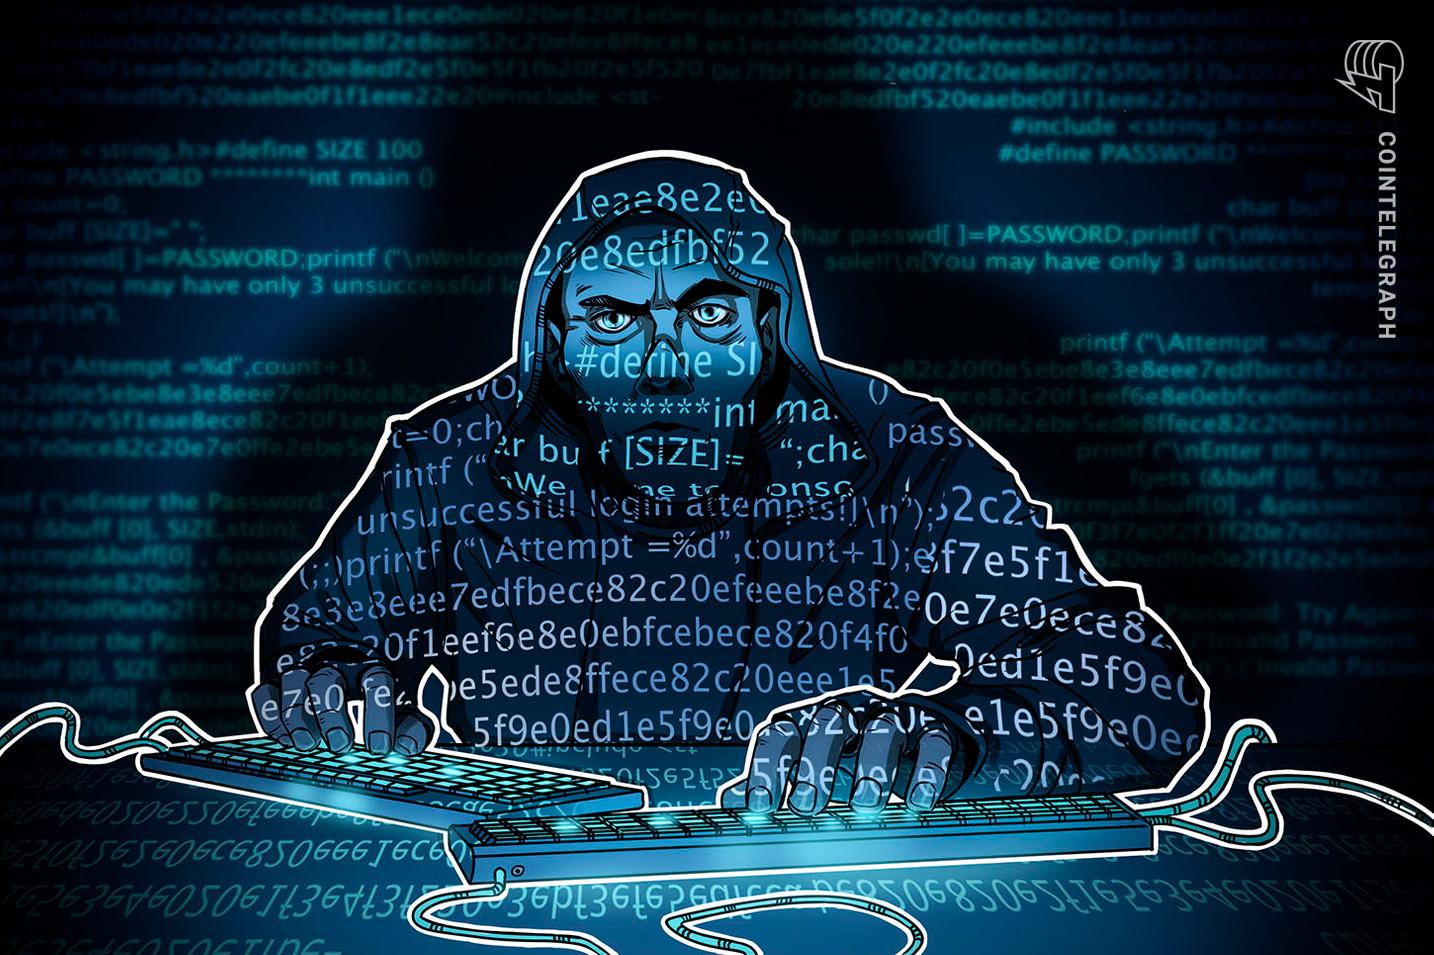 Poner a prueba a un ejército de hackers puede que ayude a mejorar la seguridad de las criptomonedas, pero ¿no es suficiente ya?